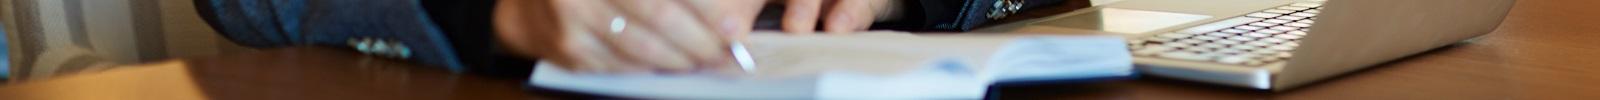 CPD Course: Managing Remote Teams